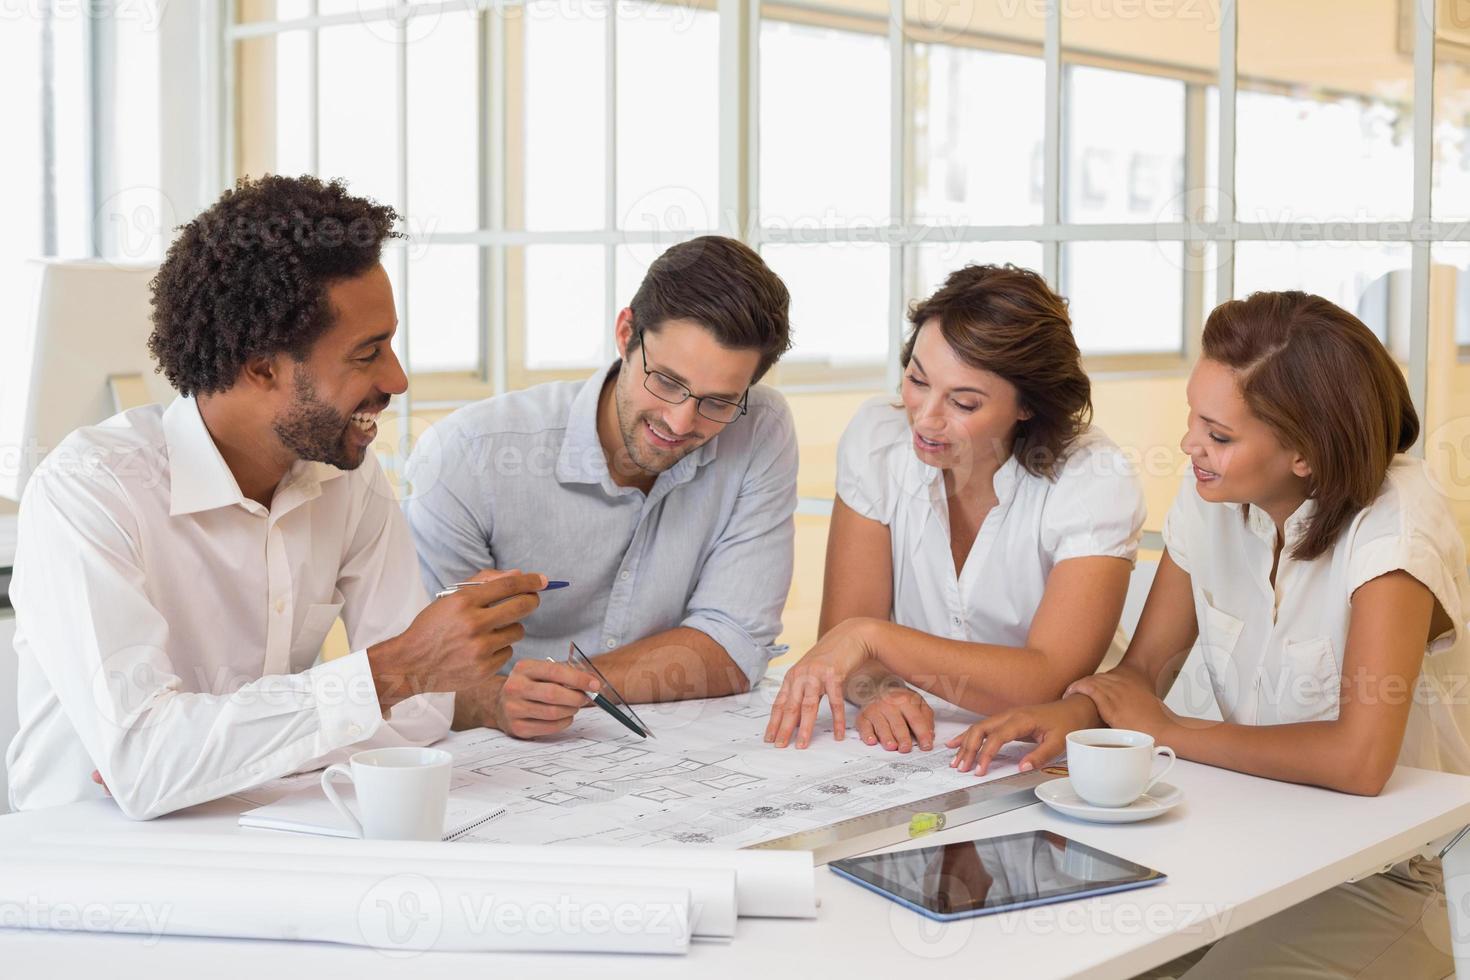 groupe de jeunes architectes travaillant sur plan dans un bureau photo